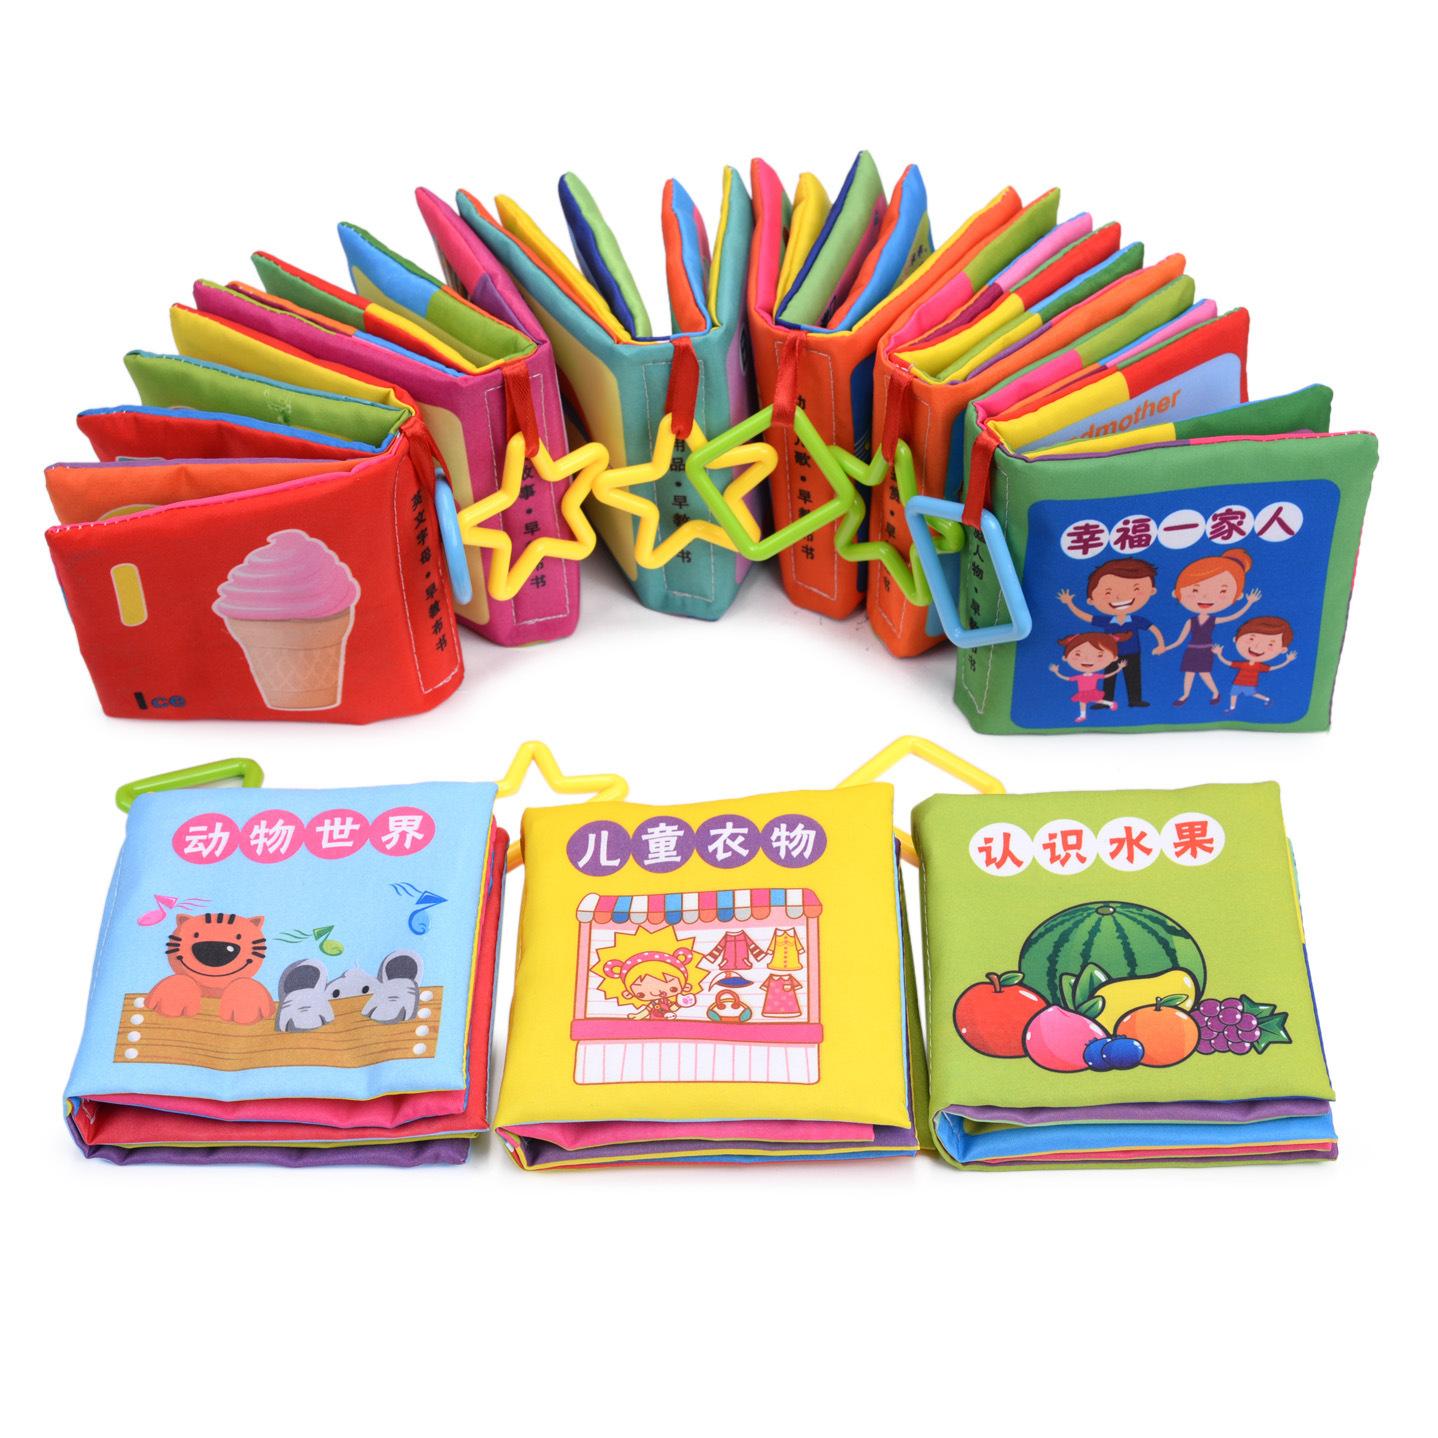 MIAOMIAOHOU sách vải Sách bé vải đồ chơi bé vải cuốn sách dạy trẻ sơ sinh phát triển trí thông minh